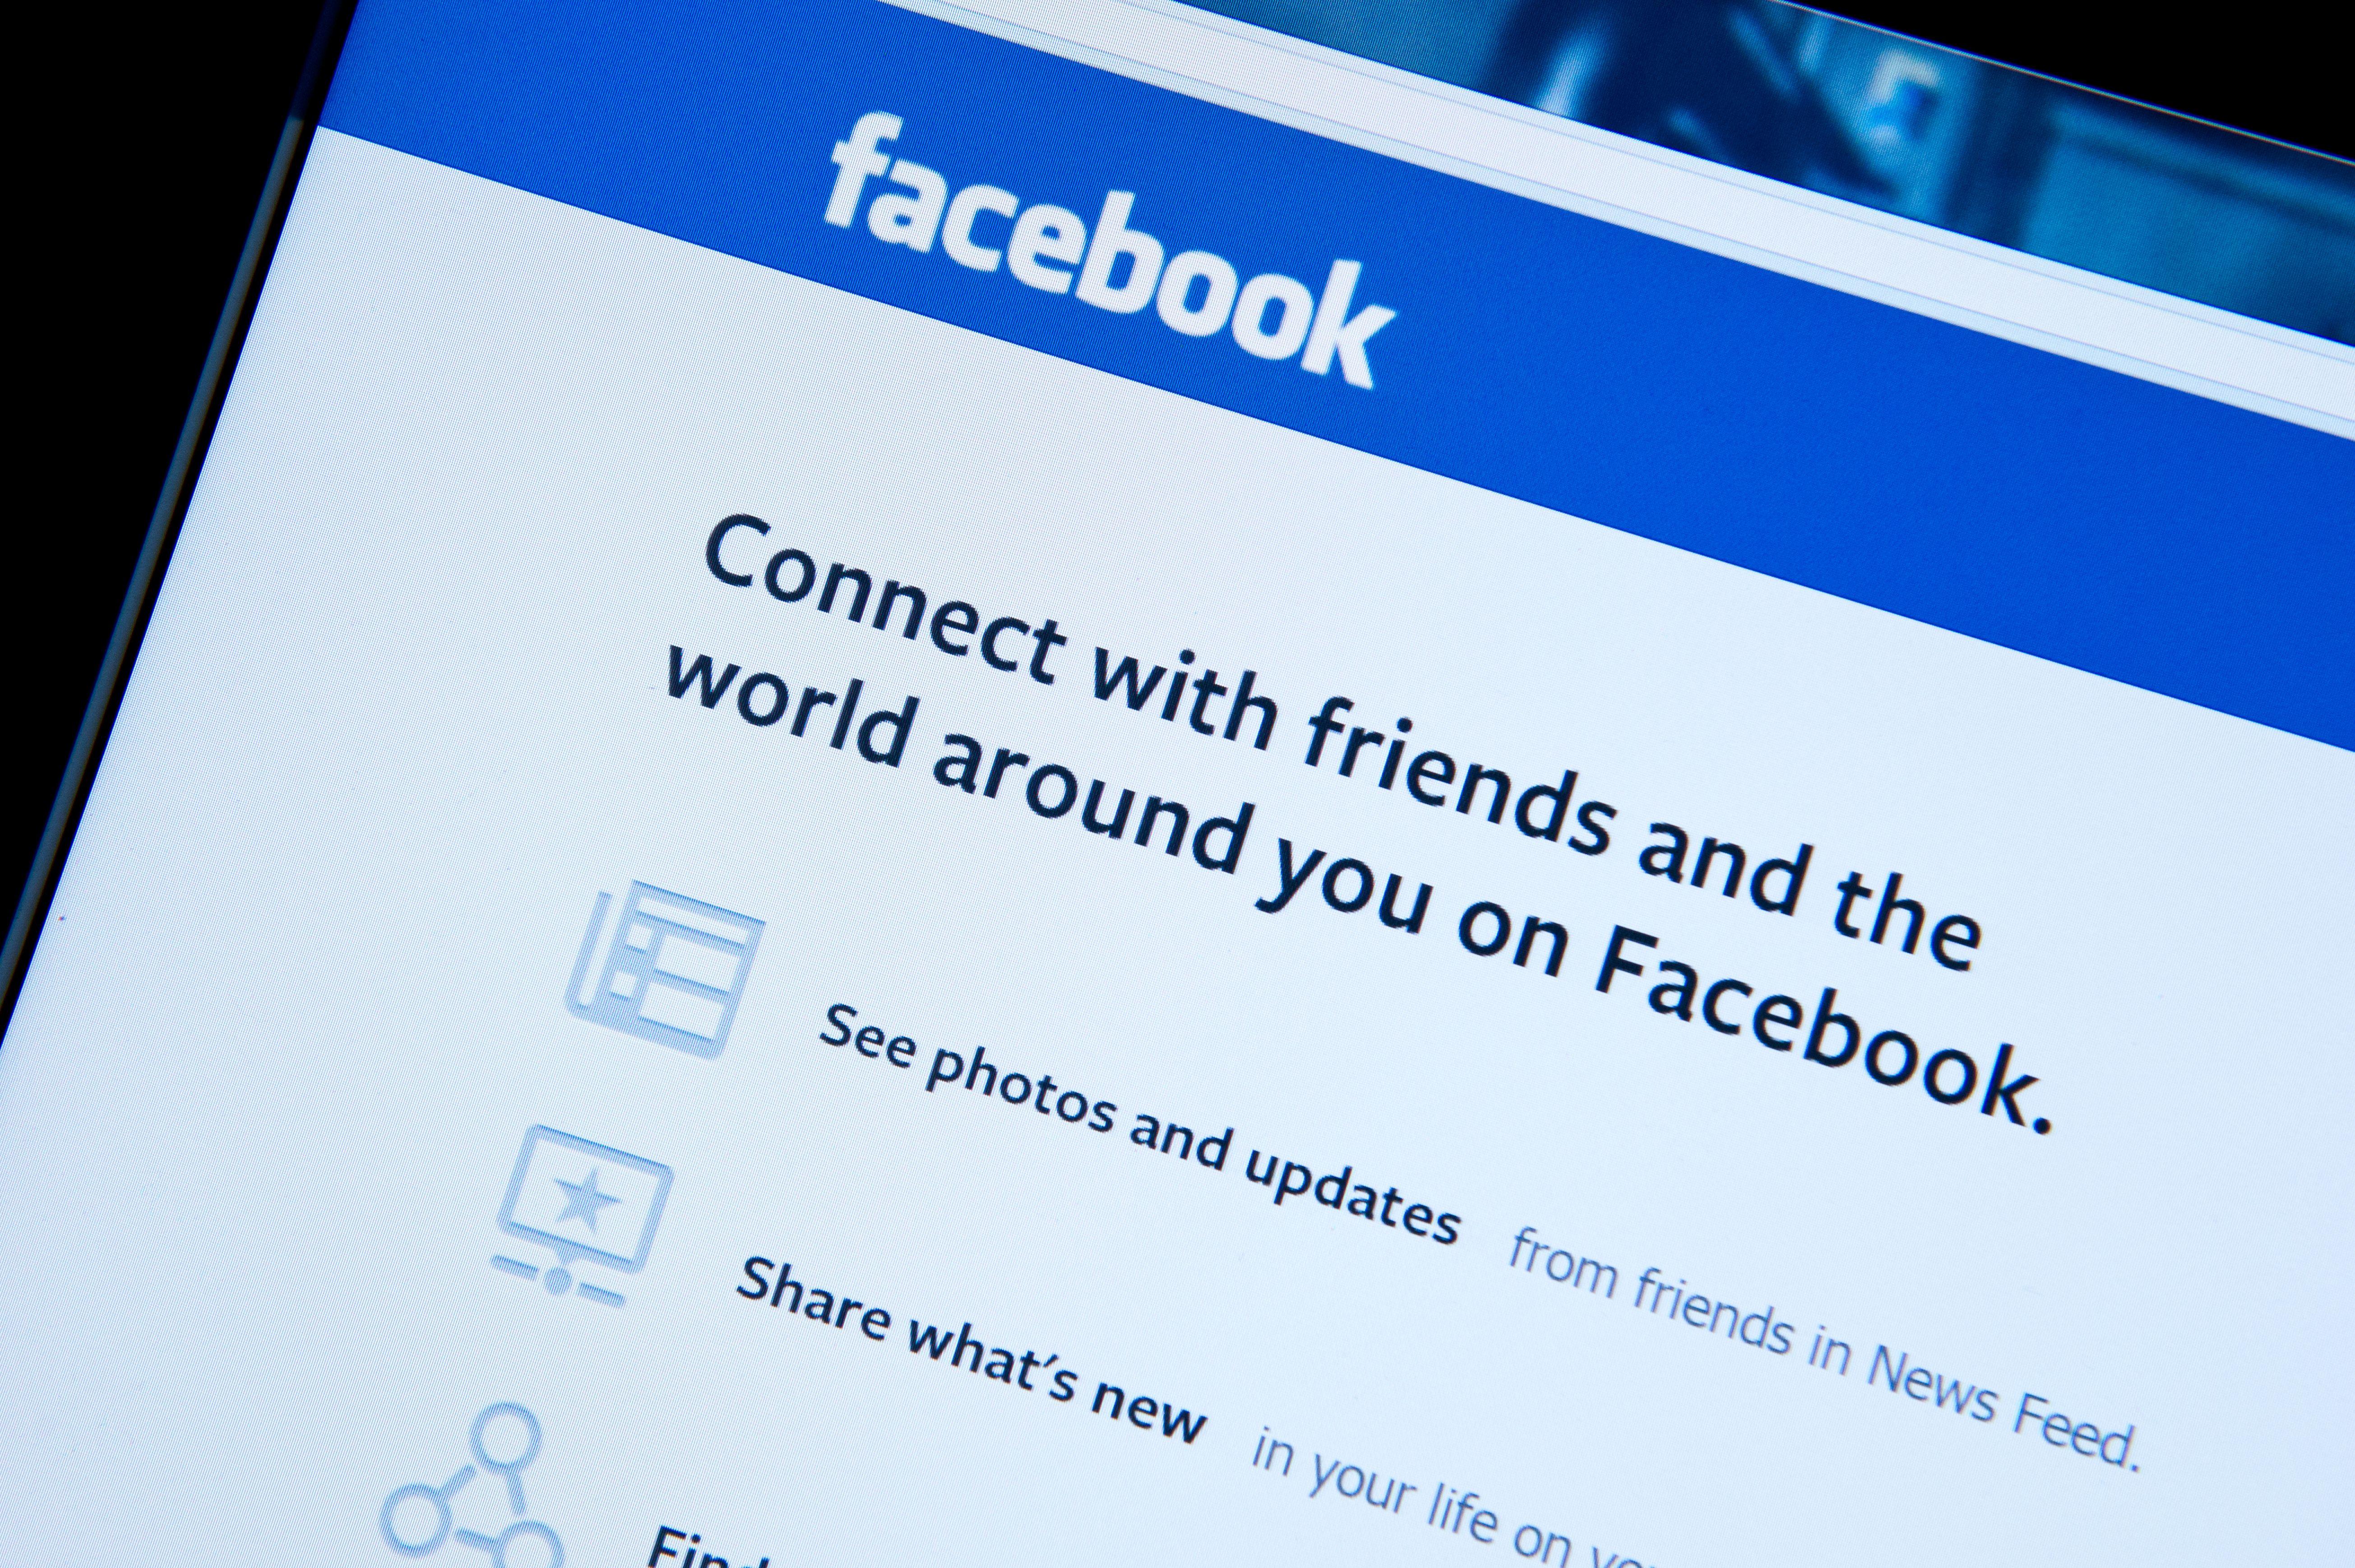 """Vorsicht vor den Fake Facebook-Webseiten """"Wovidz"""" und """"Fiziibooiks""""!"""